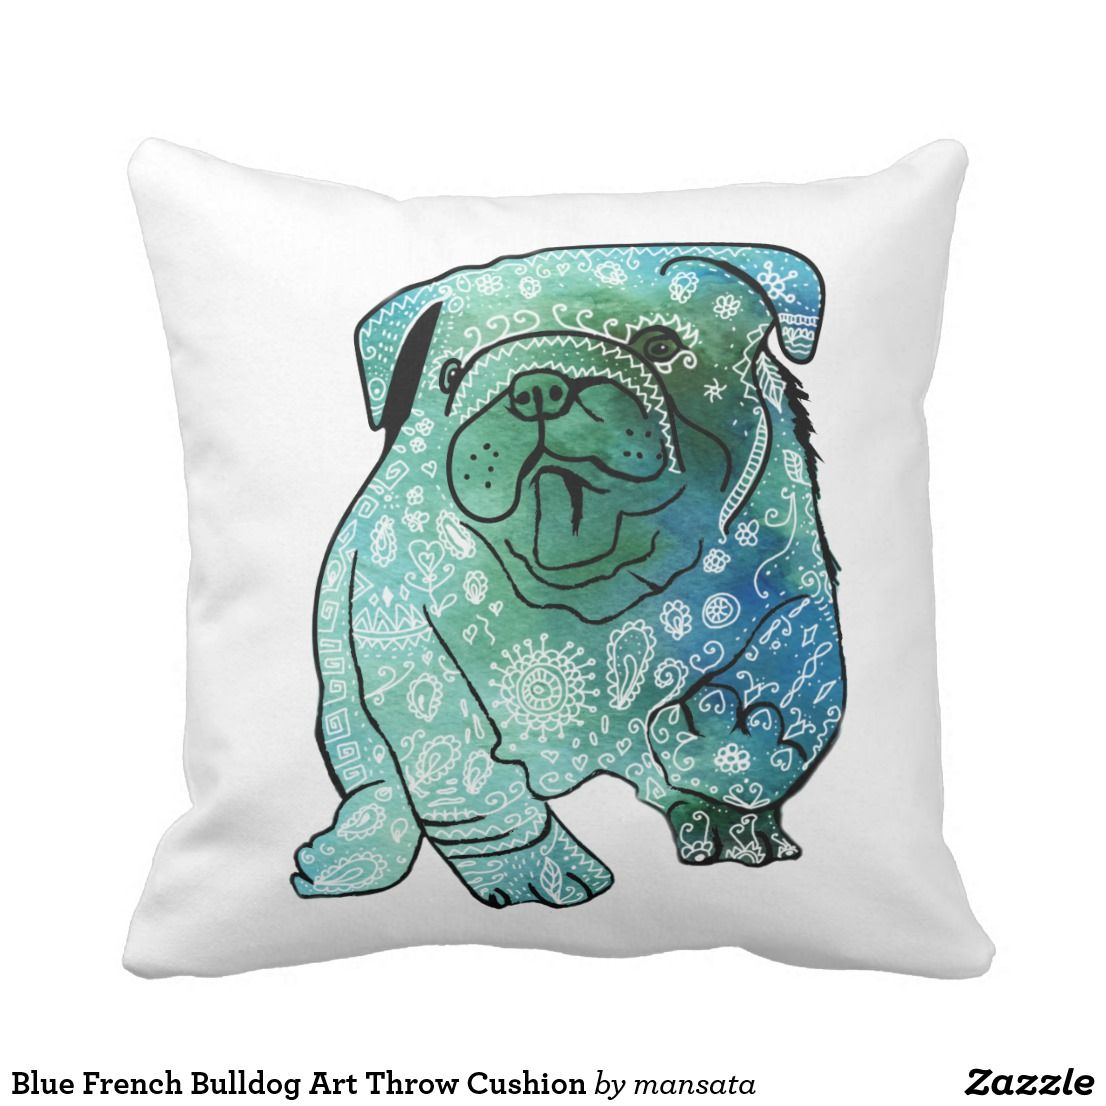 Blue French Bulldog Art Throw Cushion Zazzle.co.uk